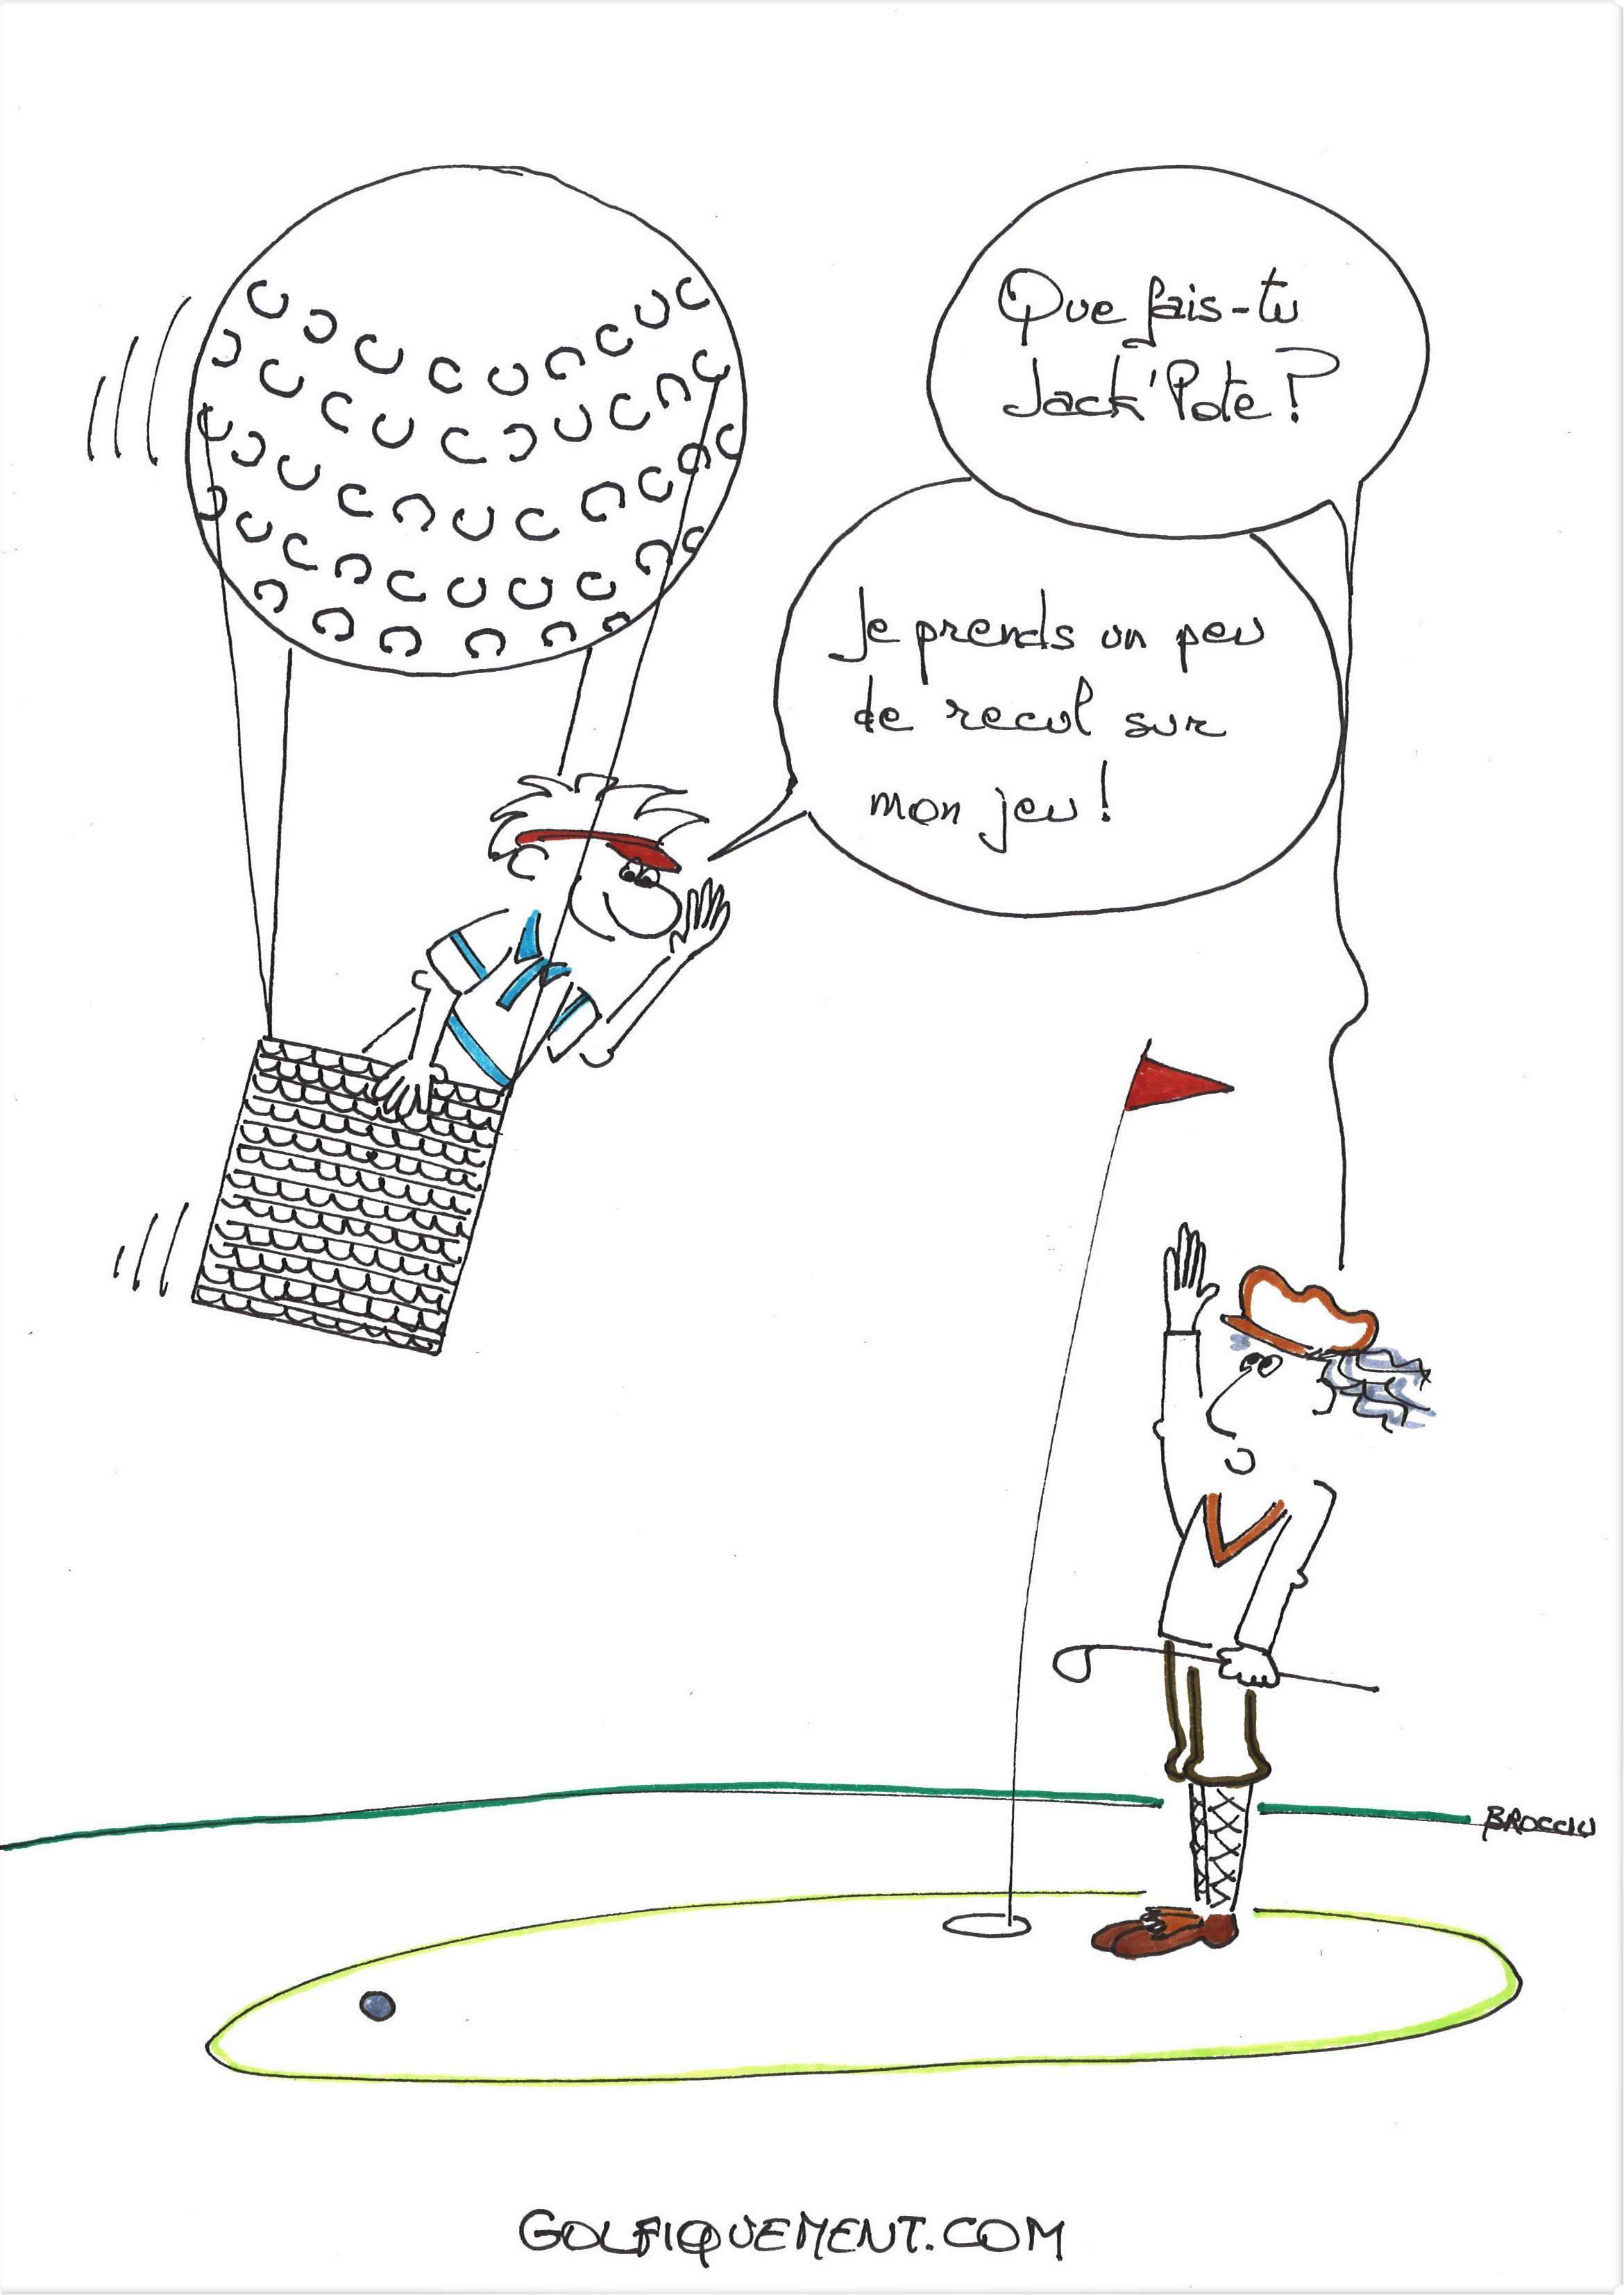 Montgolfiere-golfiquement.com